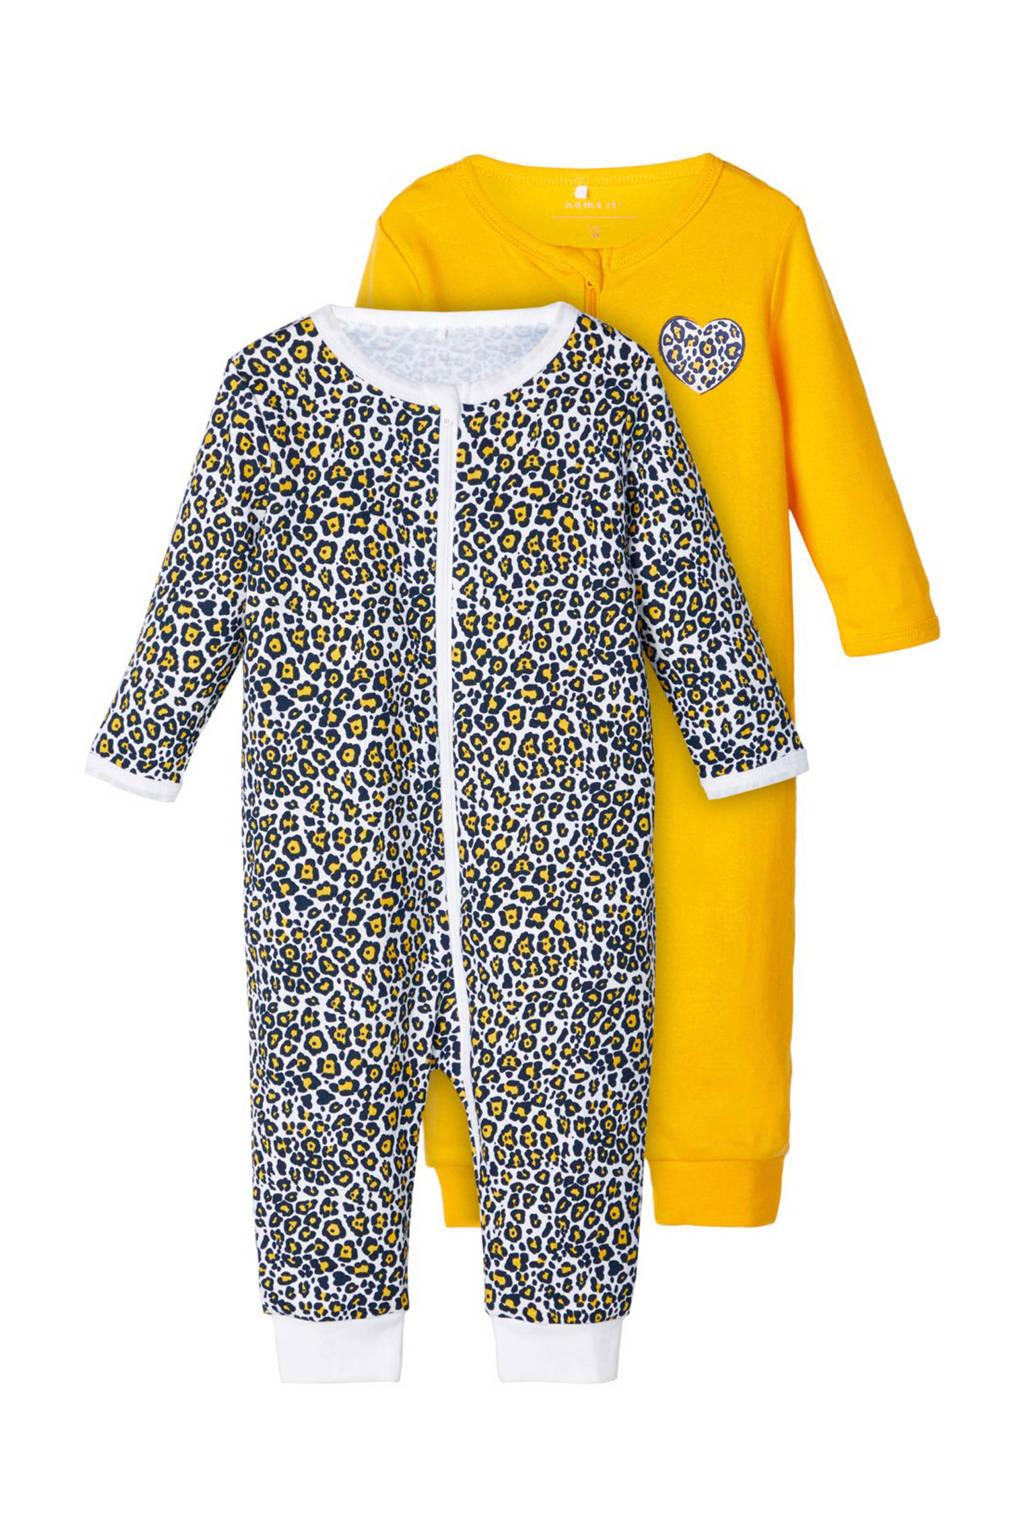 NAME IT BABY newborn pyjama's- set van 2, Geel/ zwart/ wit